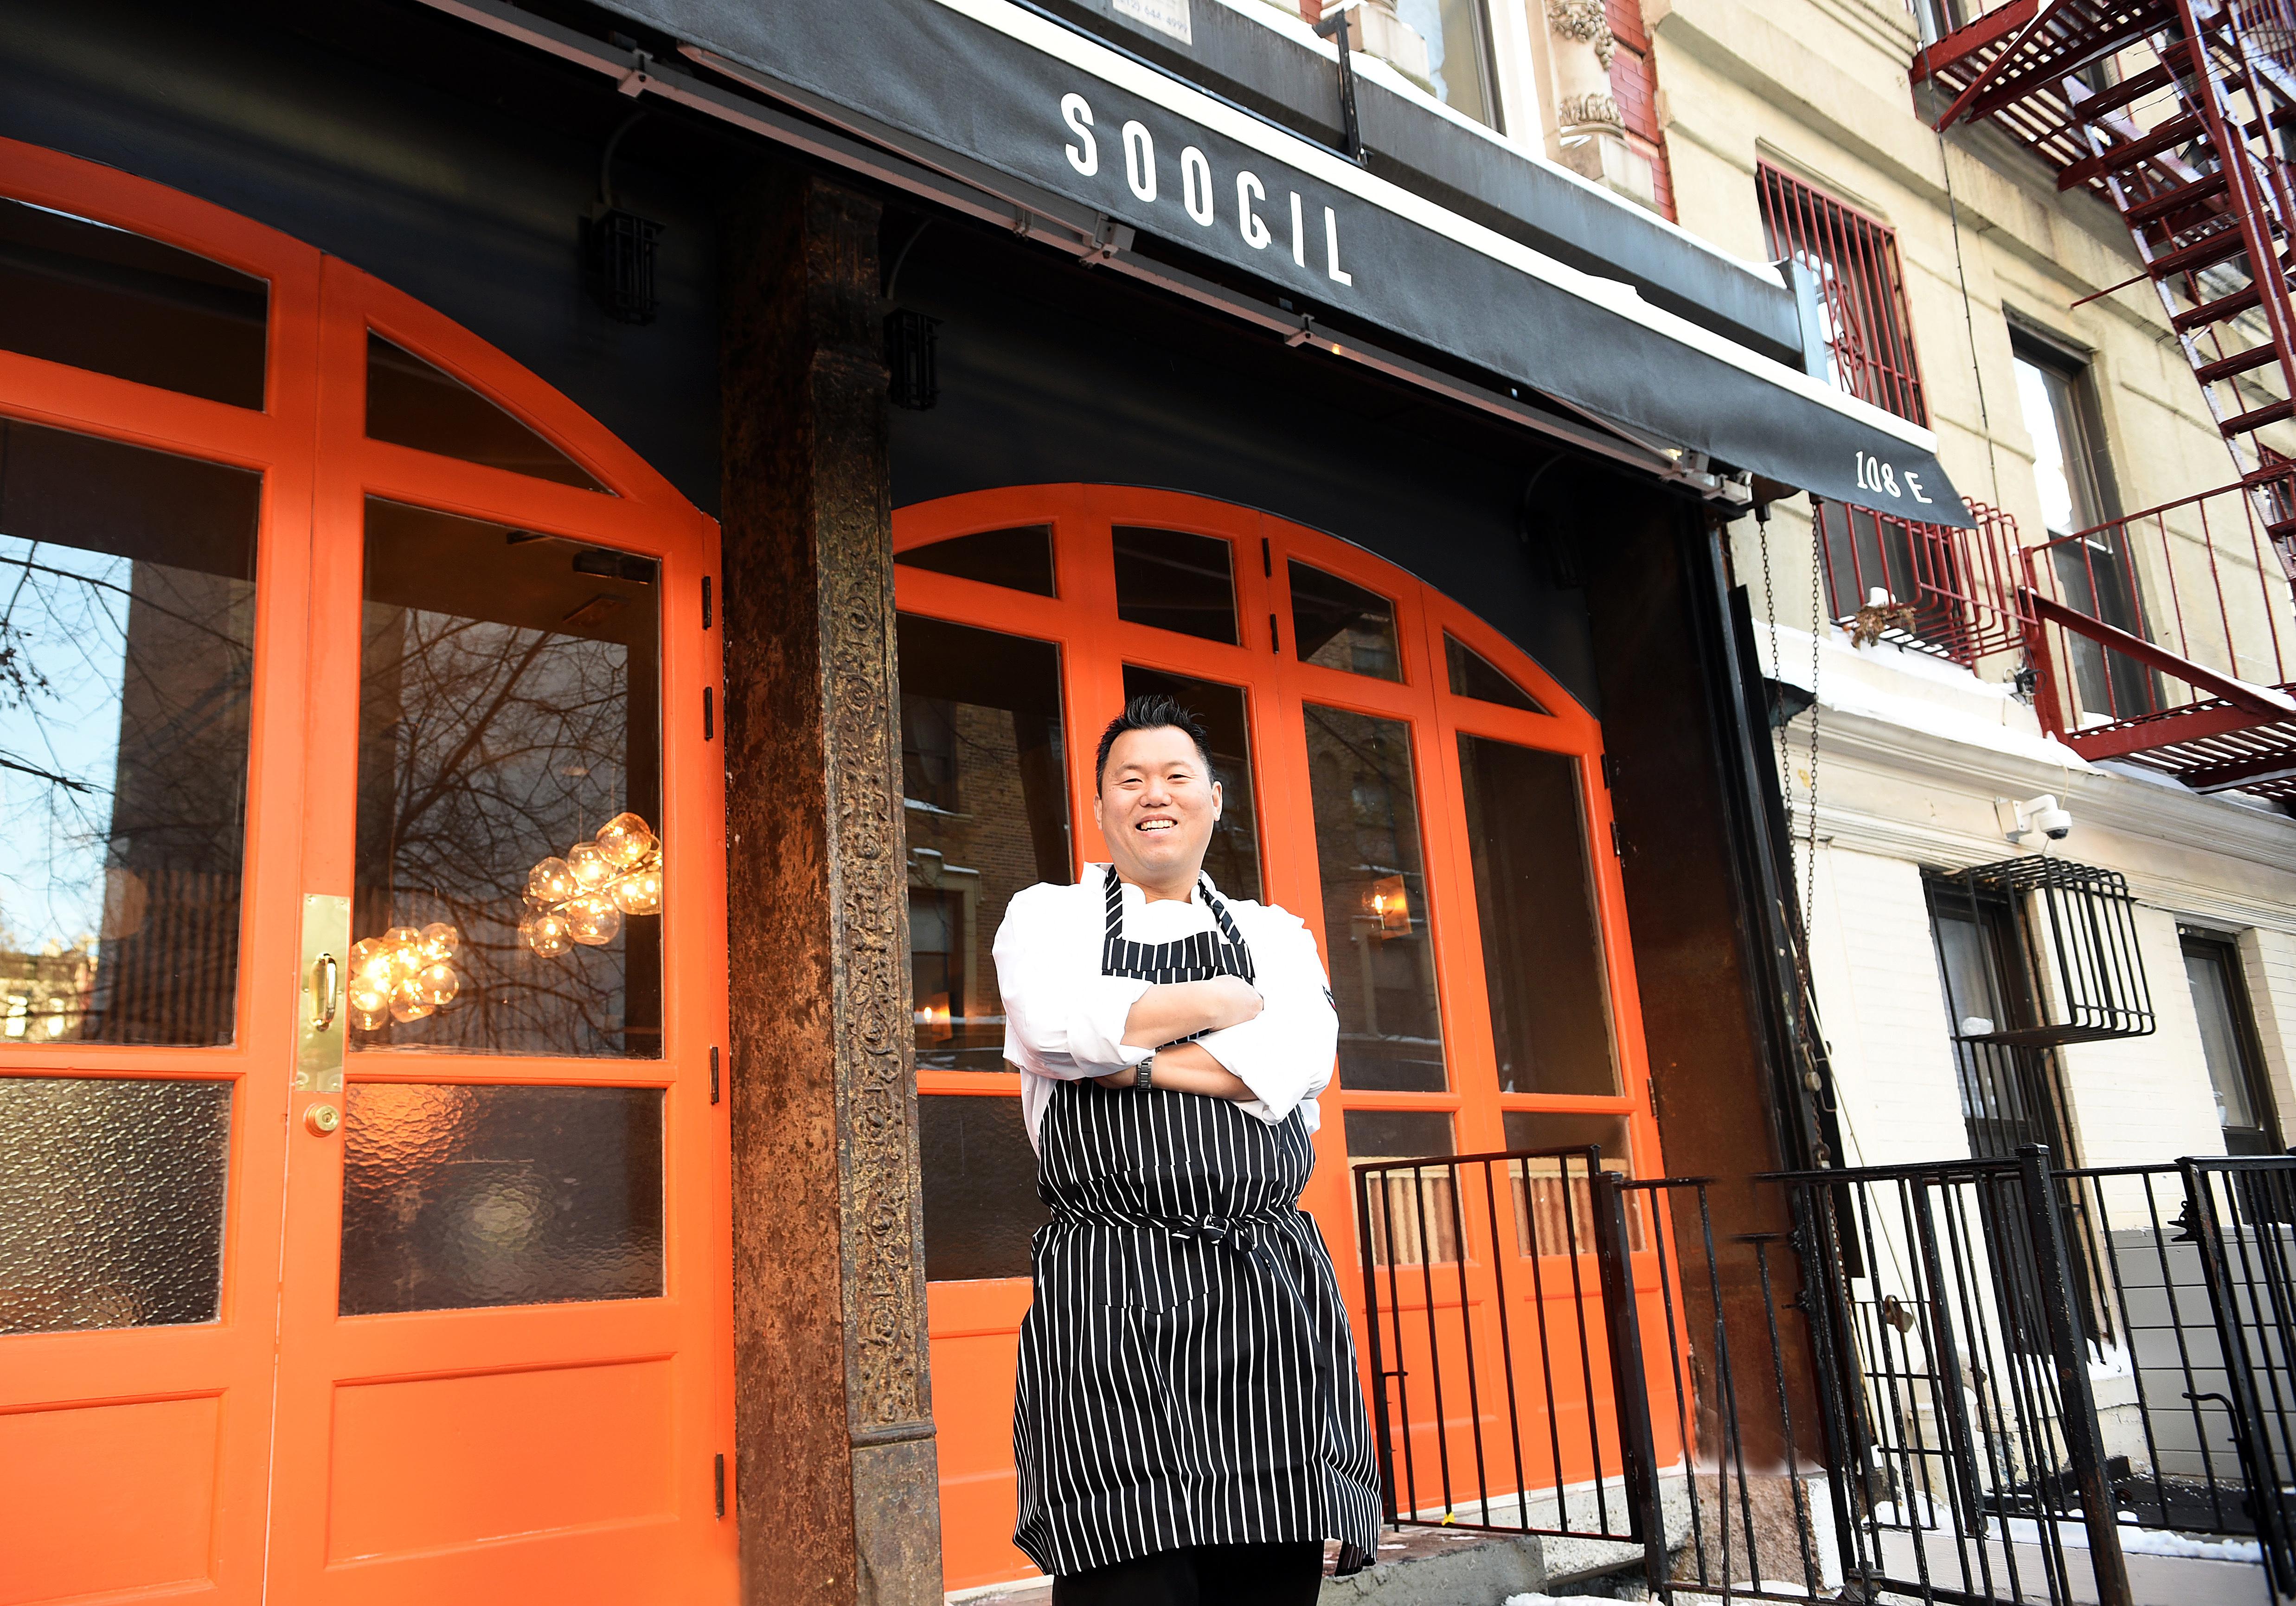 Chef Soogil Lim at Soogil